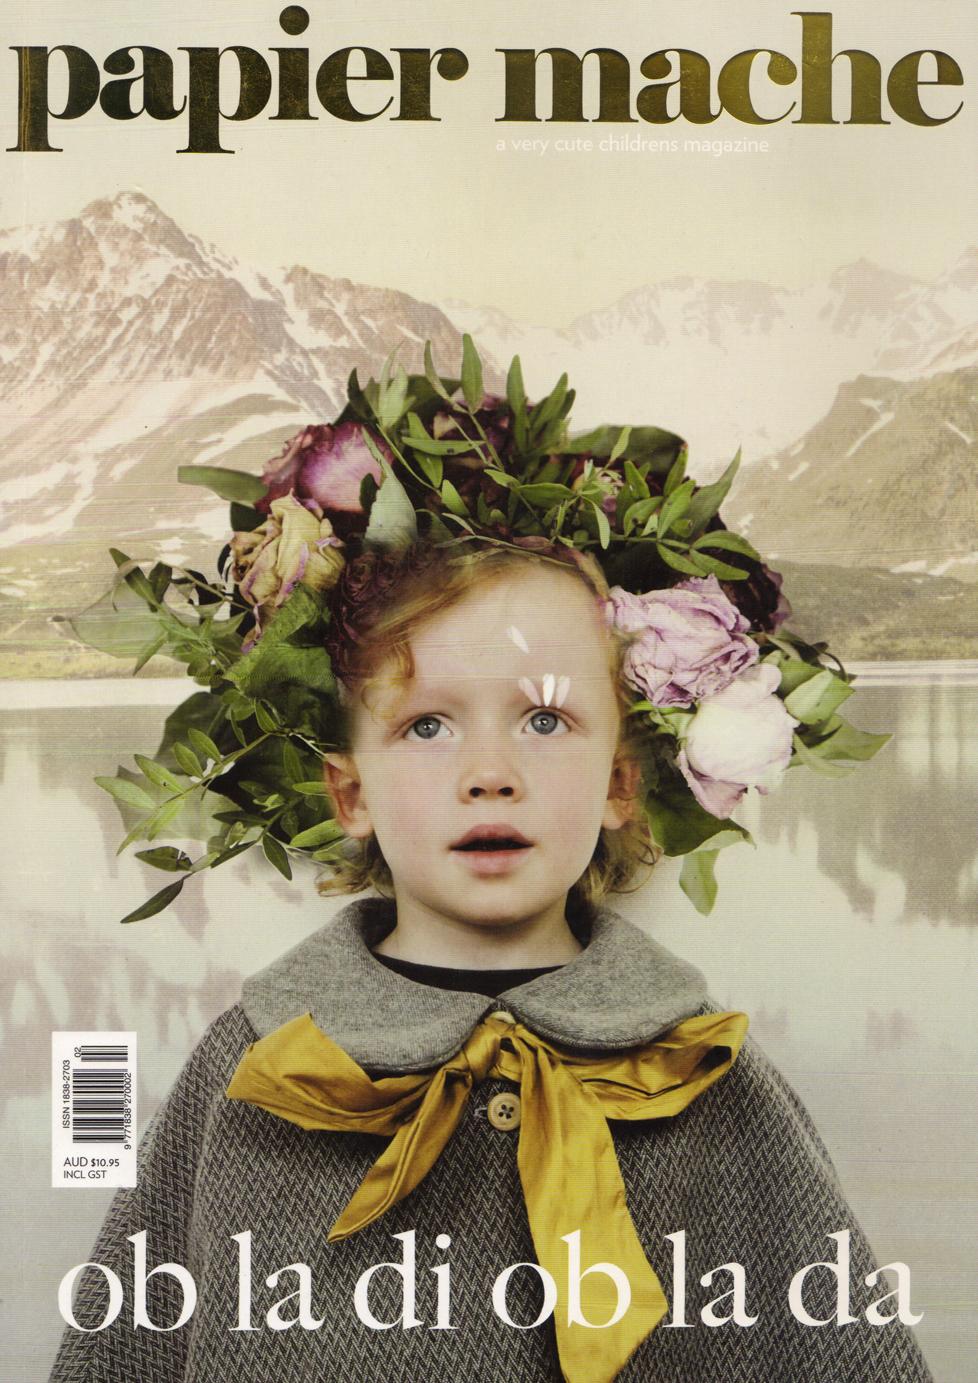 VLC Kids: Papier Maché, una revista para niños con personalidad nostálgica